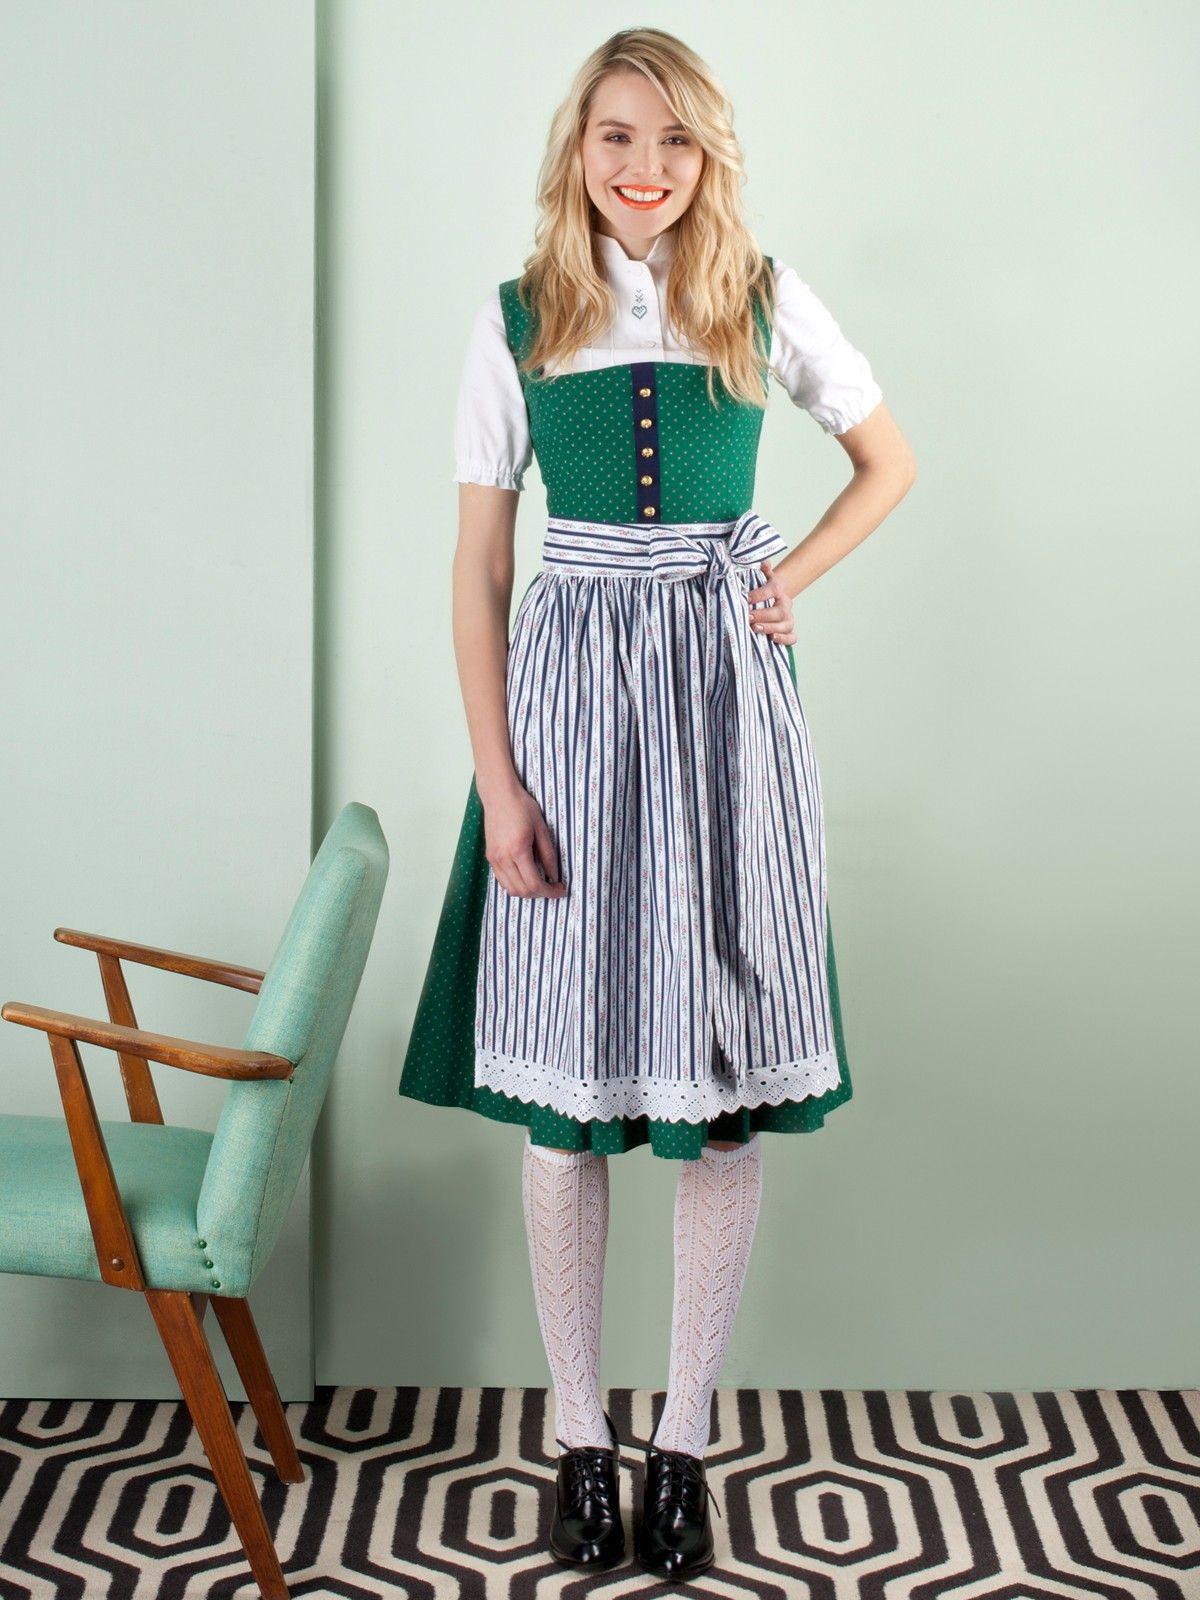 08339dc1fee Grünes Dirndl aus Baumwolle mit blauer Streifen-Schürze von JAN INA ...